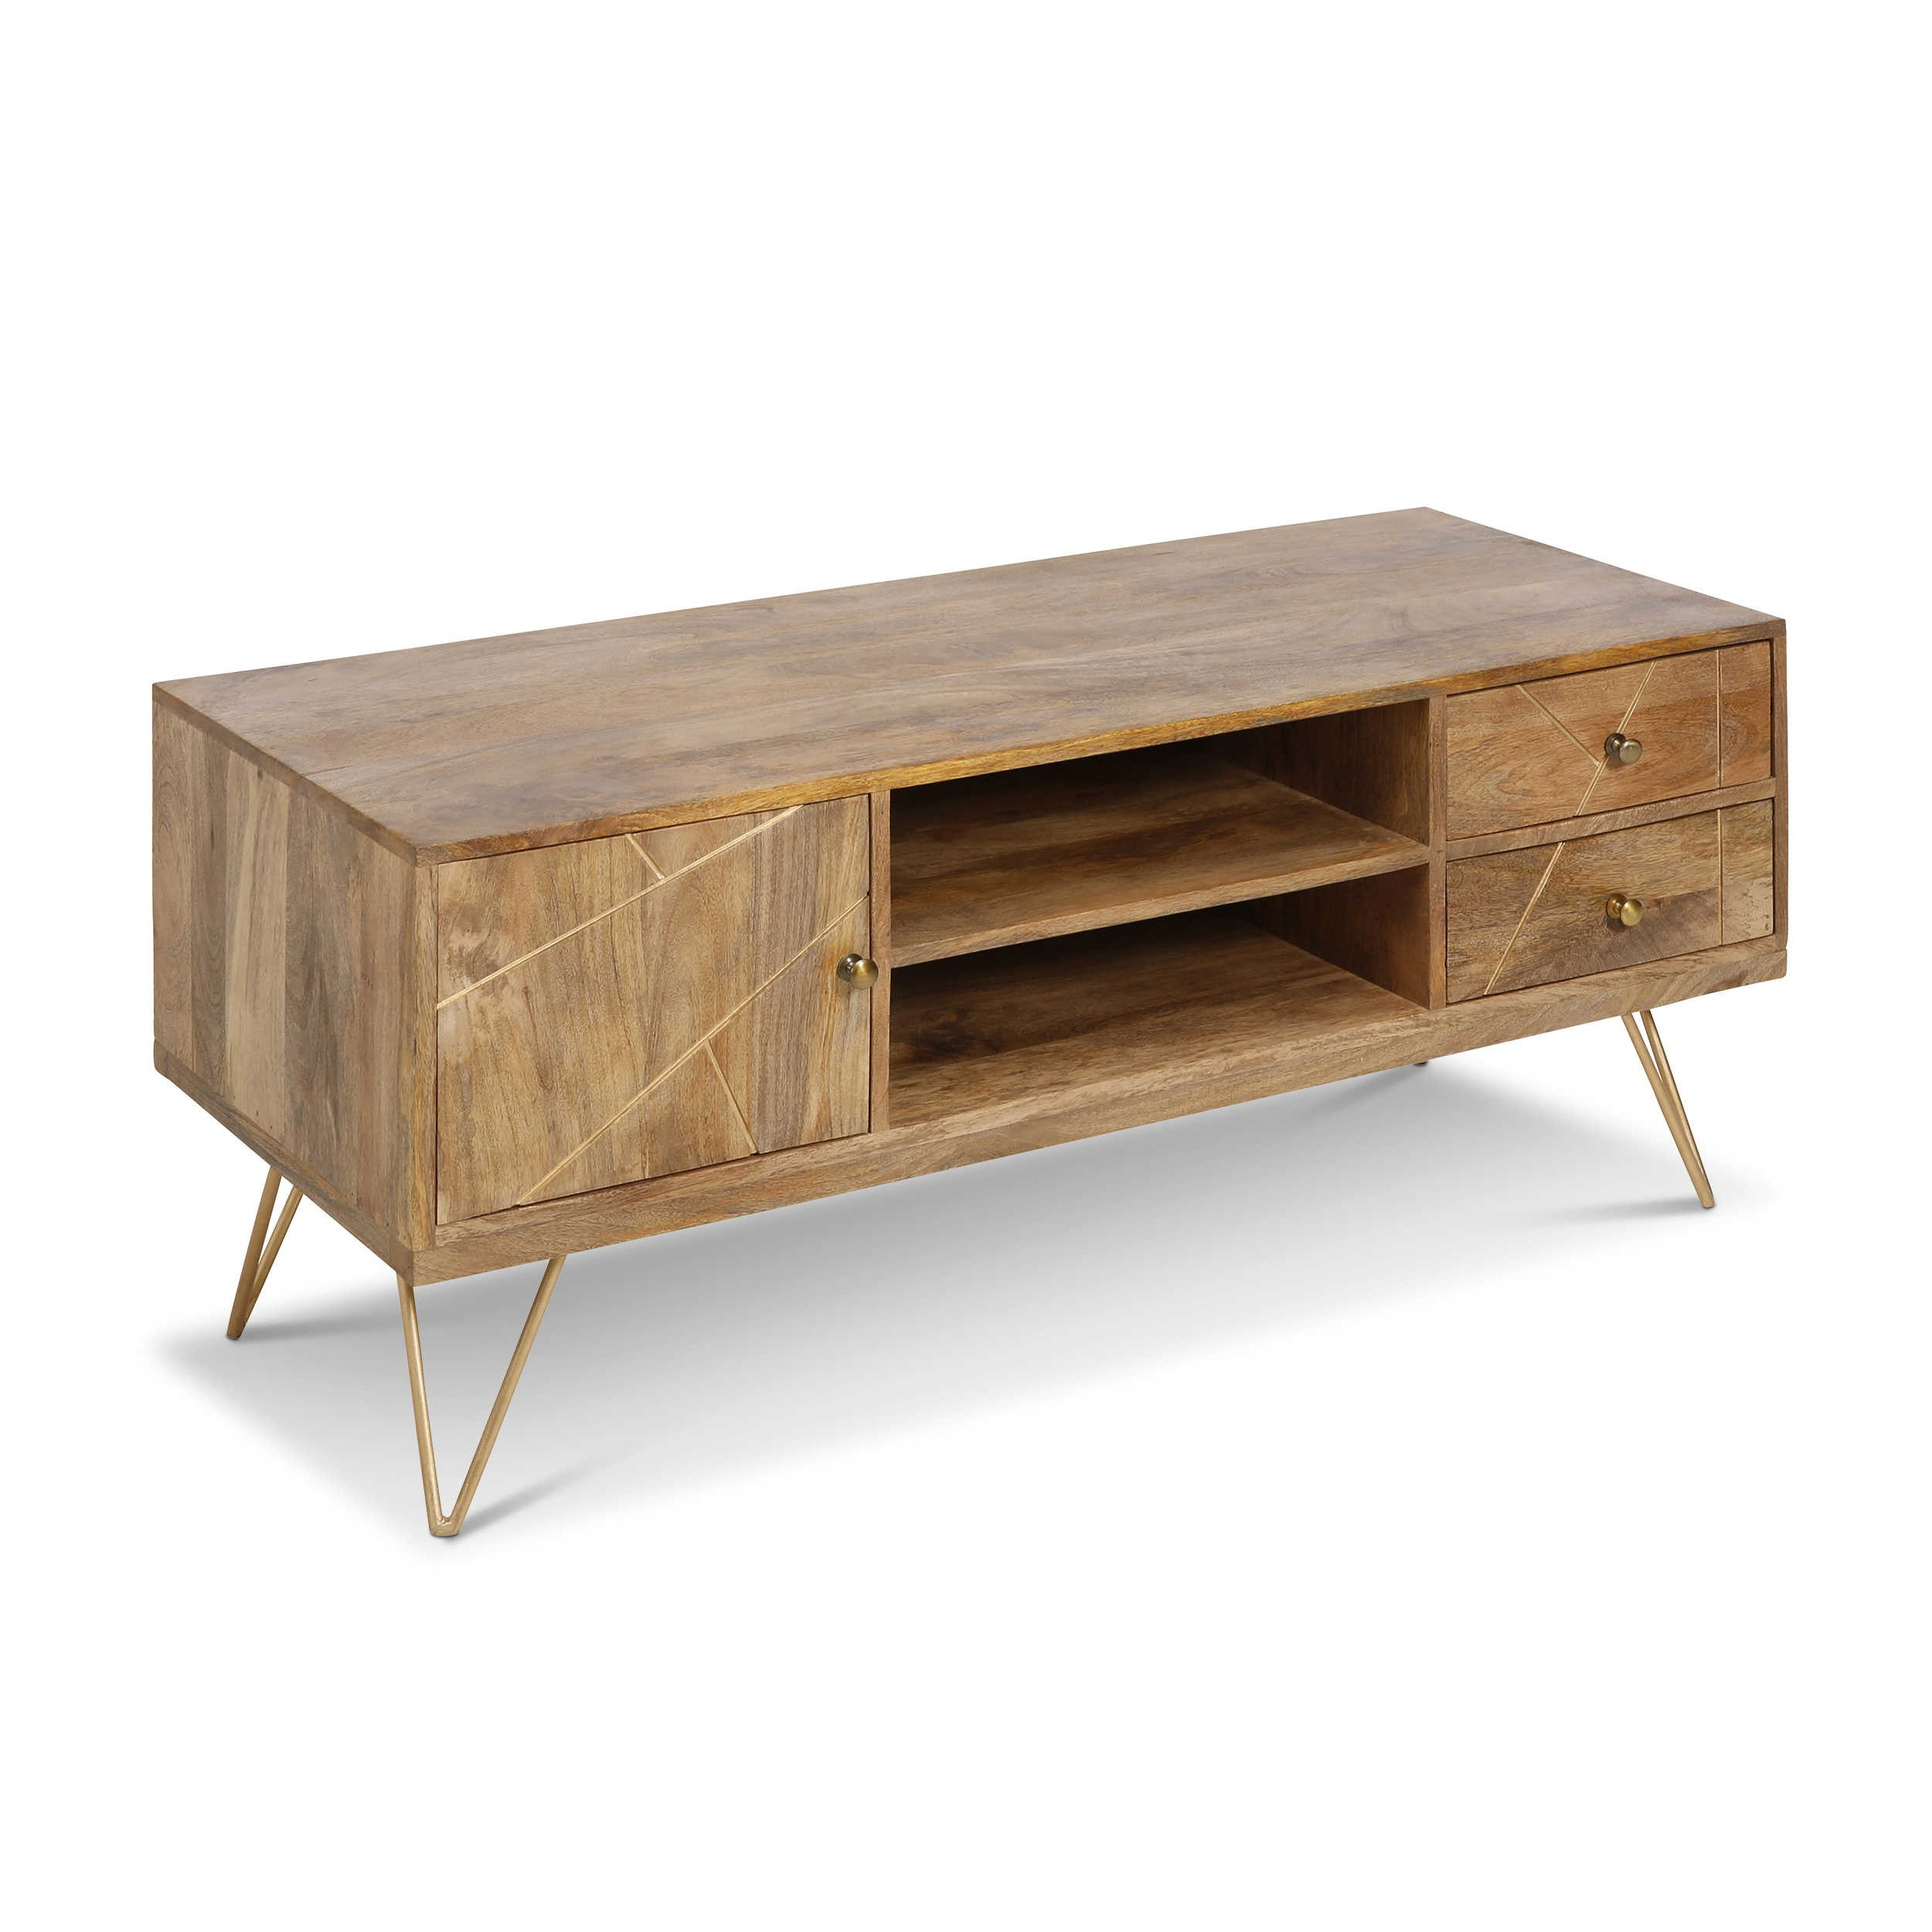 Wunderbar Holz Lowboard Ideen Von